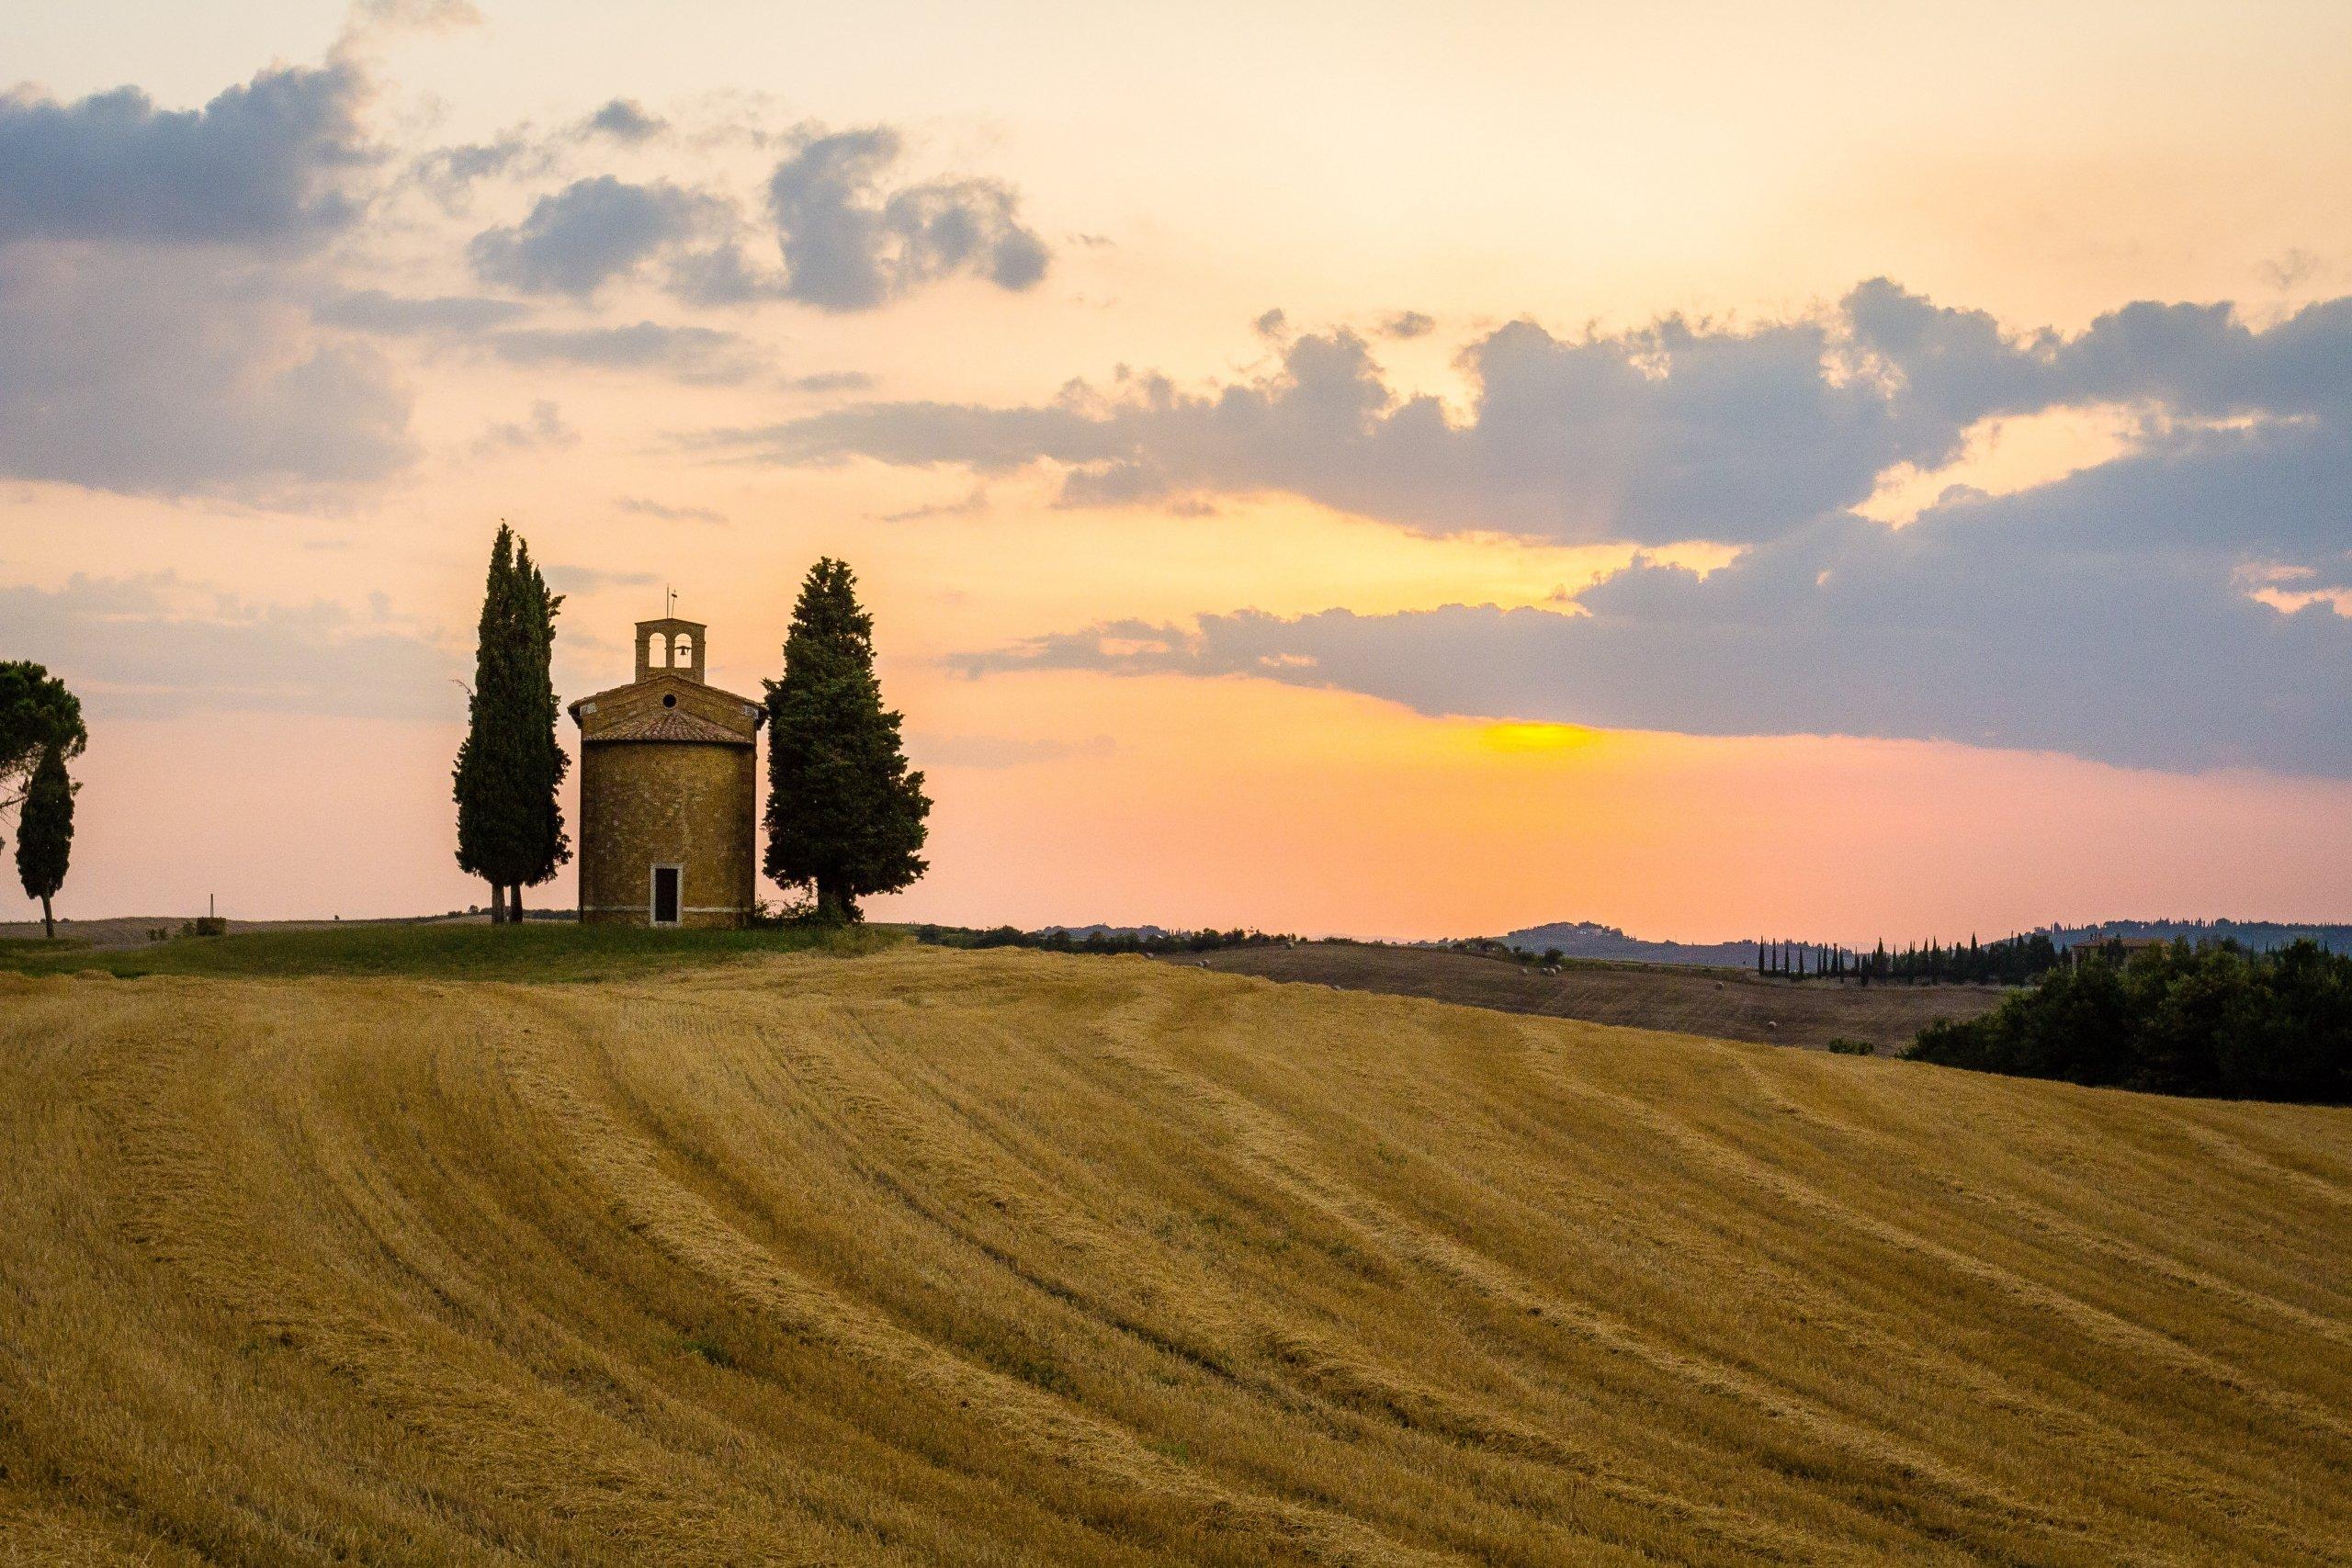 Itinerari multi-sensoriali: Toscana Quando i sensi guidano i passi e scaldano il cuore